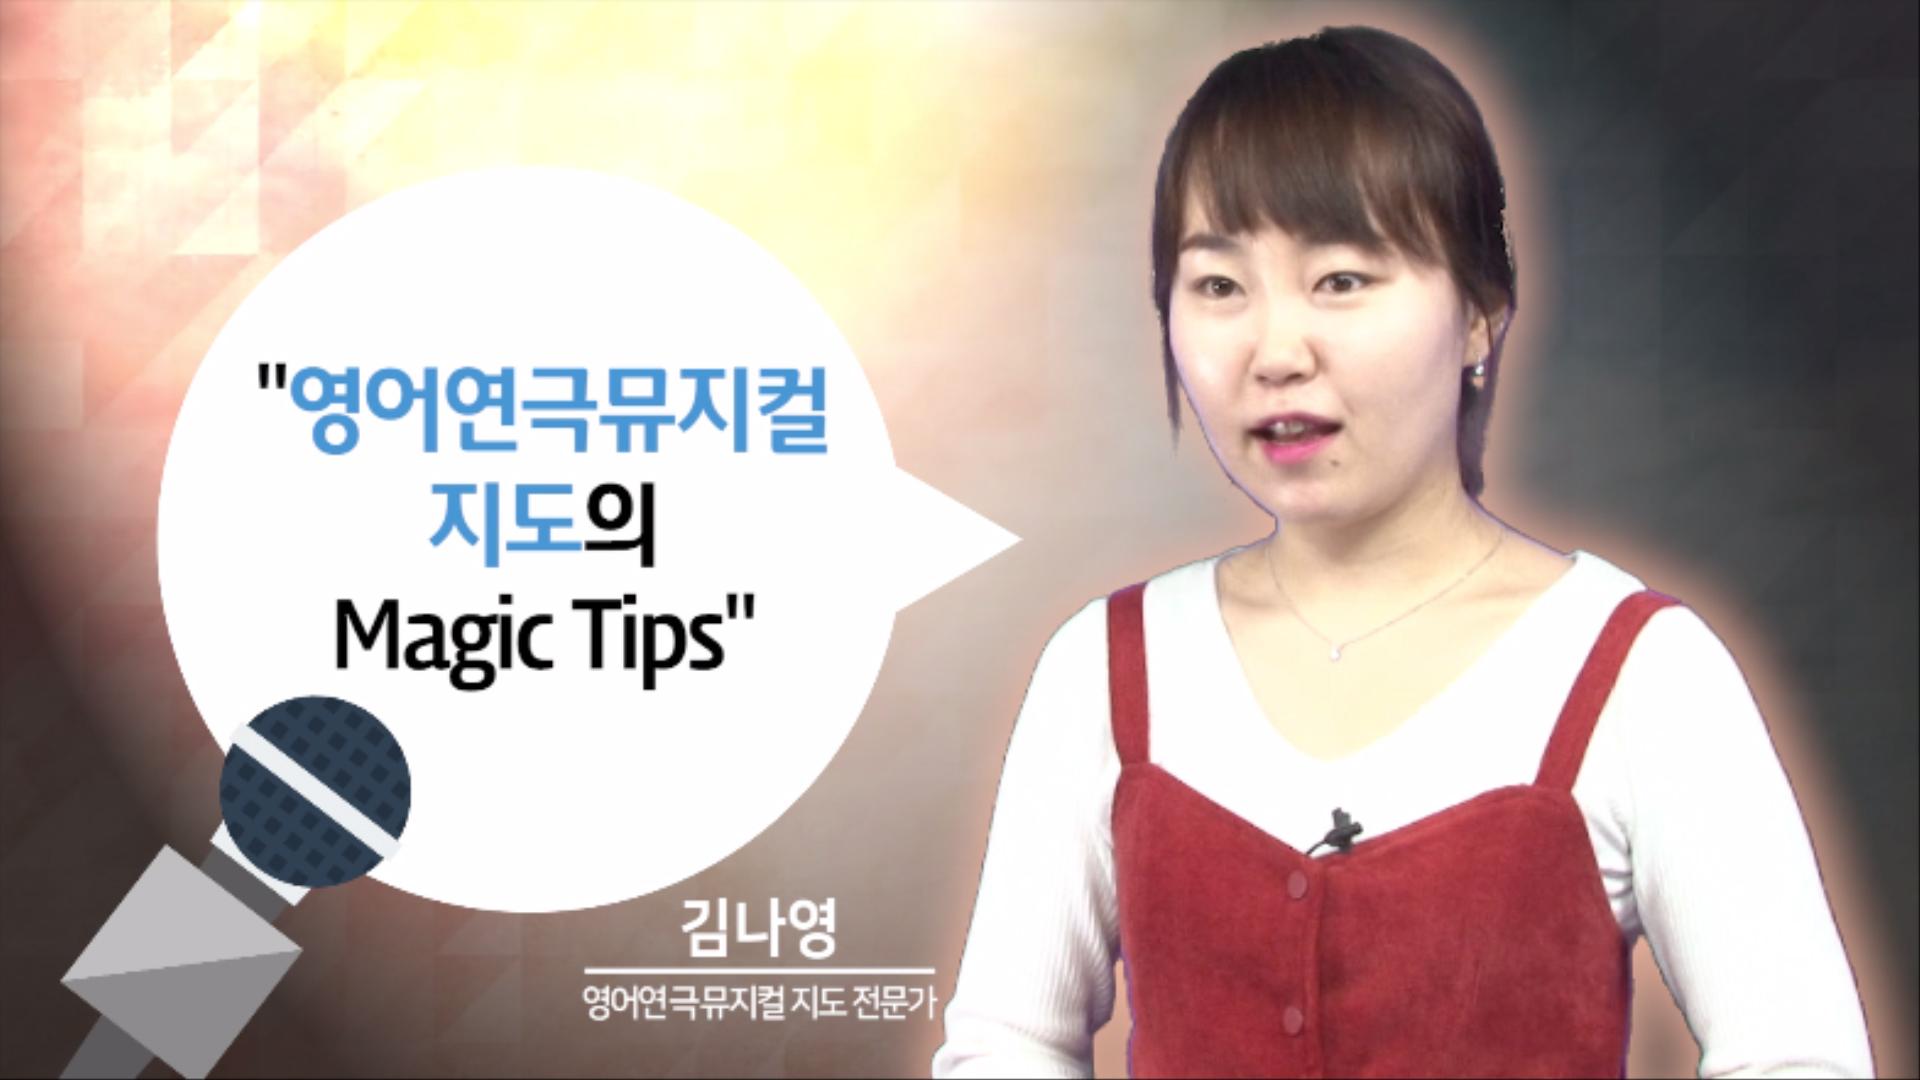 영어연극뮤지컬 지도의 Magic Tips